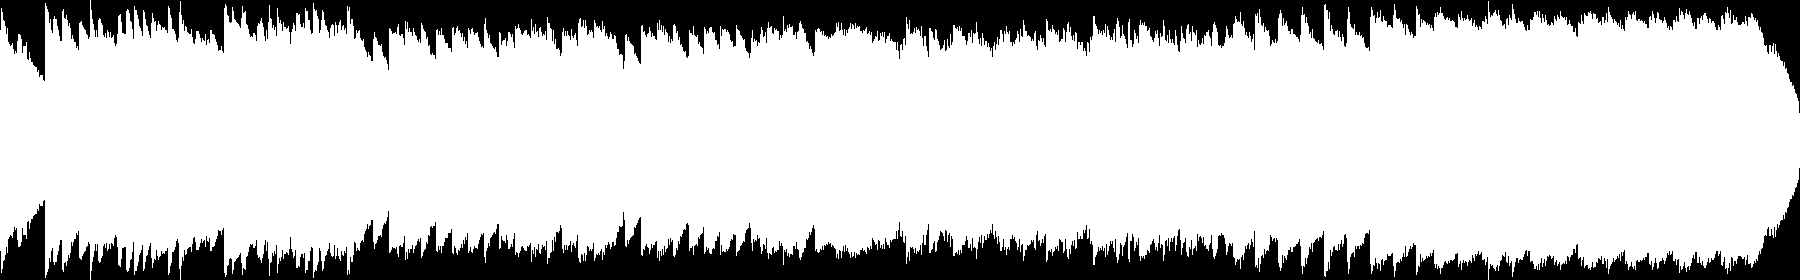 VOCALNOTE audio waveform